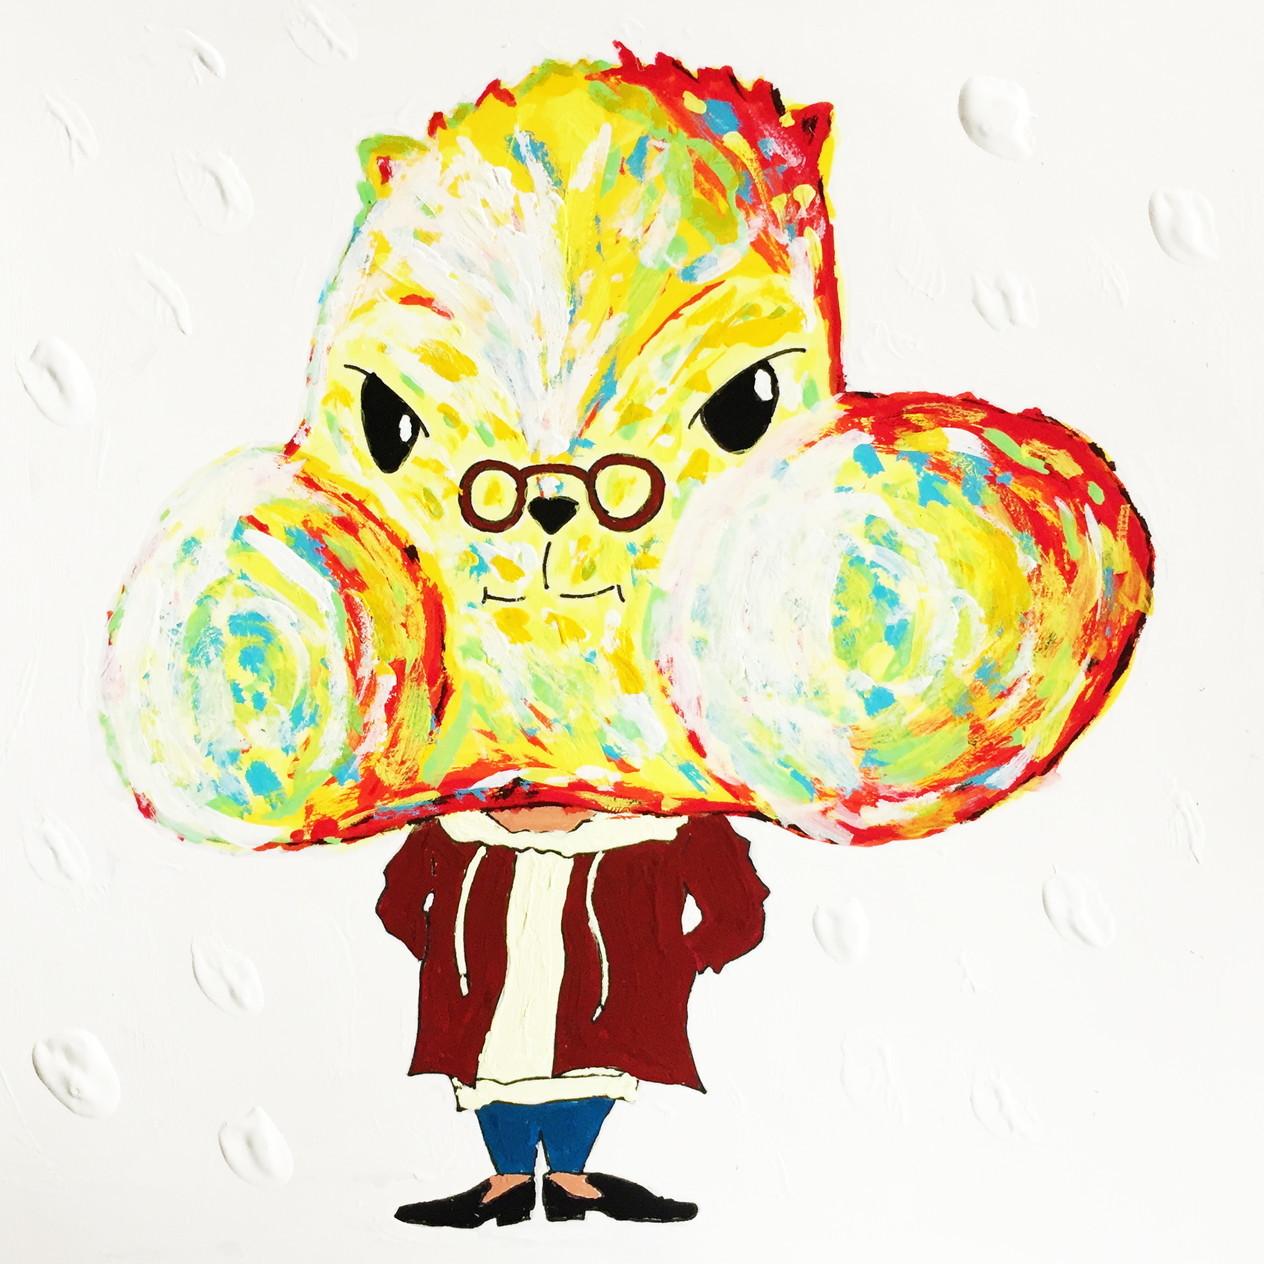 絵画 インテリア アートパネル 雑貨 壁掛け 置物 おしゃれ アクリル画 イラスト リス 動物 ロココロ 画家 : yuki 作品 : 慢心